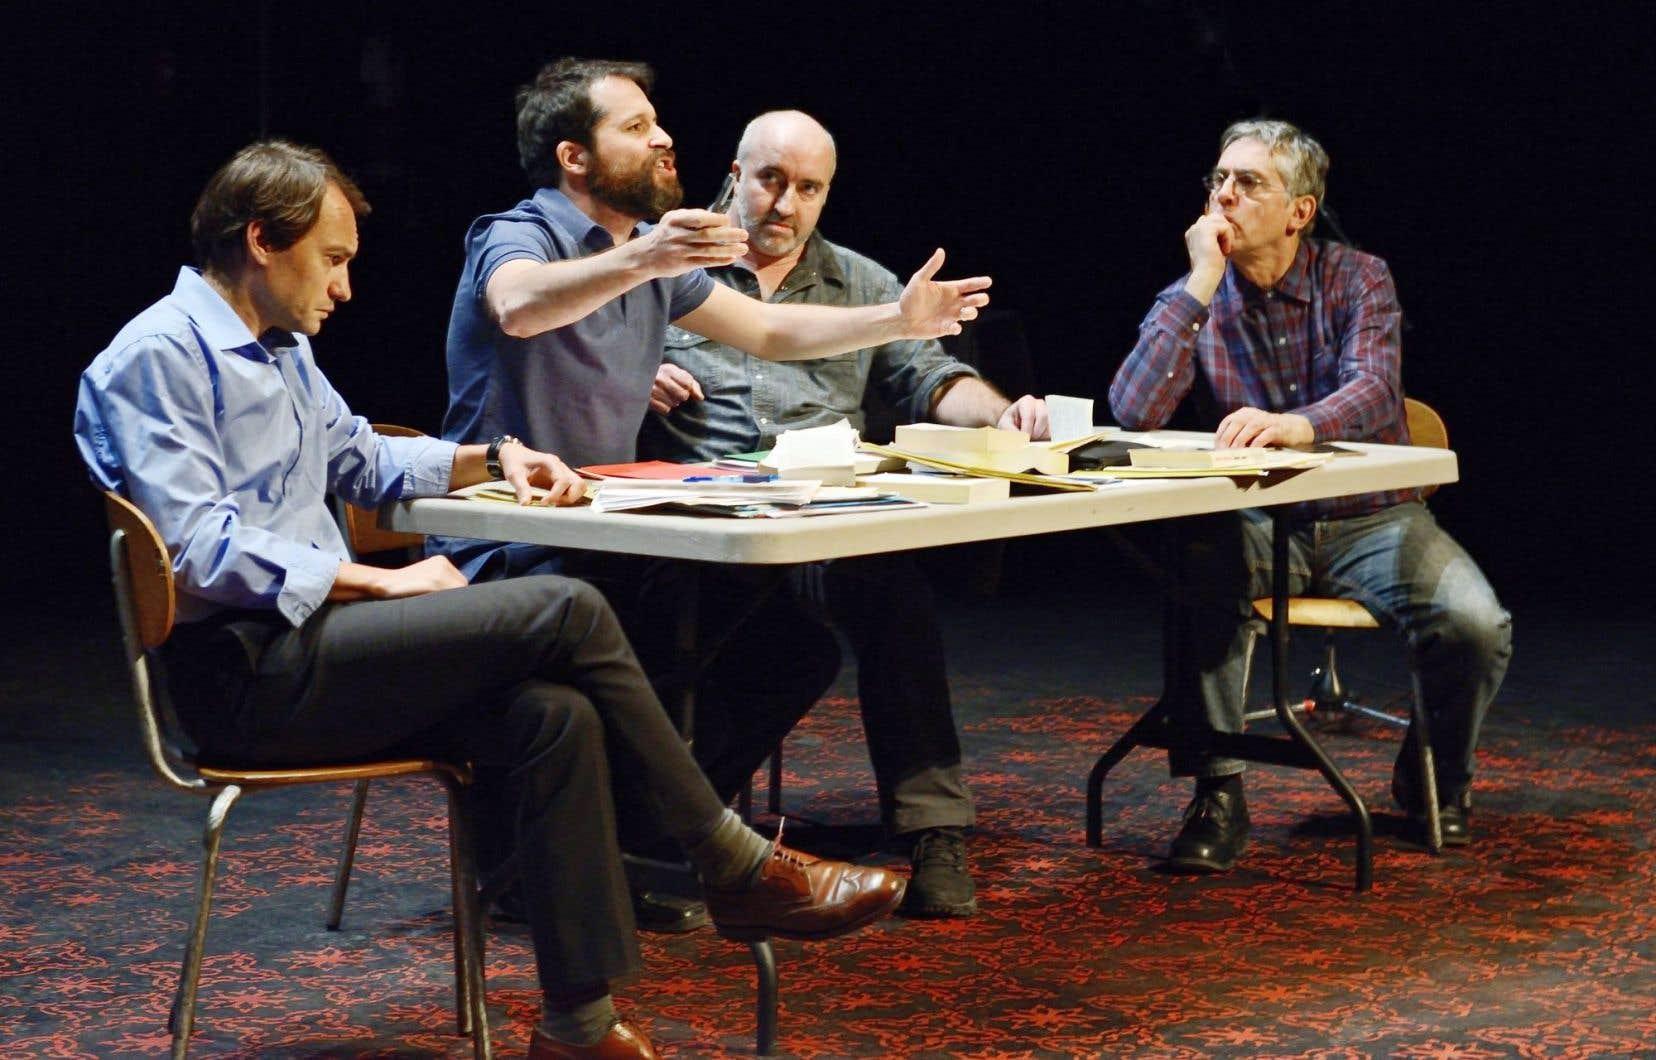 Quatre comédiens, interprétés par Philippe Régnoux, Mohsen El Gharbi, Gaétan Nadeau et Roch Aubert, répètent sous nos yeux un spectacle dédié à Camus, c'est-à-dire à l'homme plus qu'à l'œuvre, au citoyen plus qu'à l'artiste.